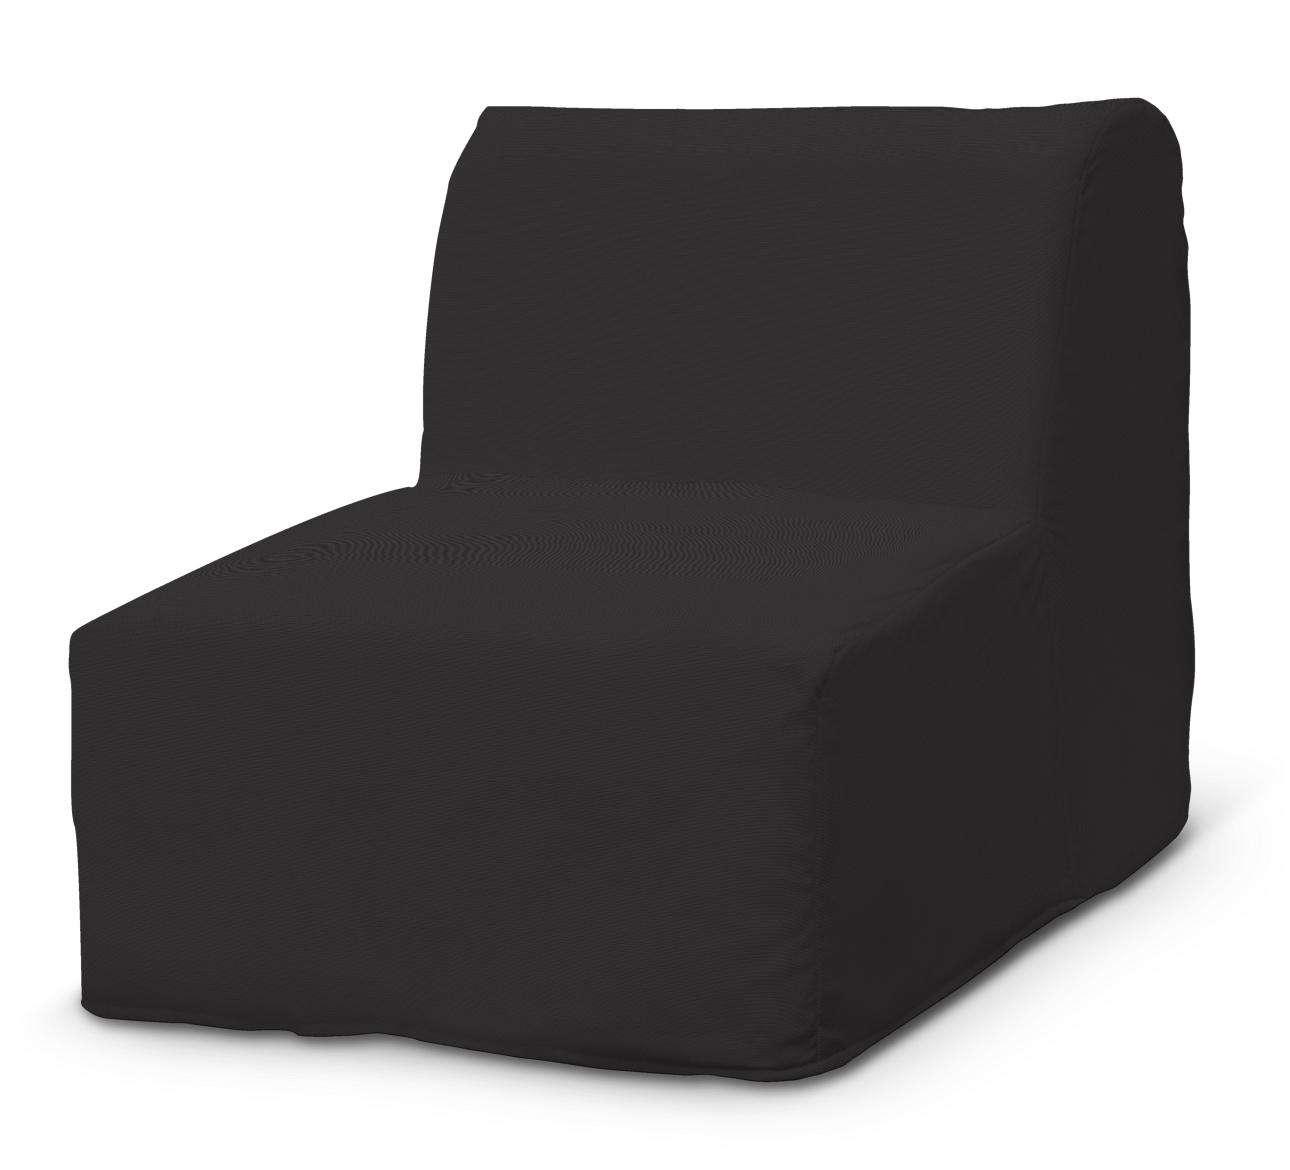 Lycksele fotelio užvalkalas Lycksele fotelis kolekcijoje Cotton Panama, audinys: 702-08